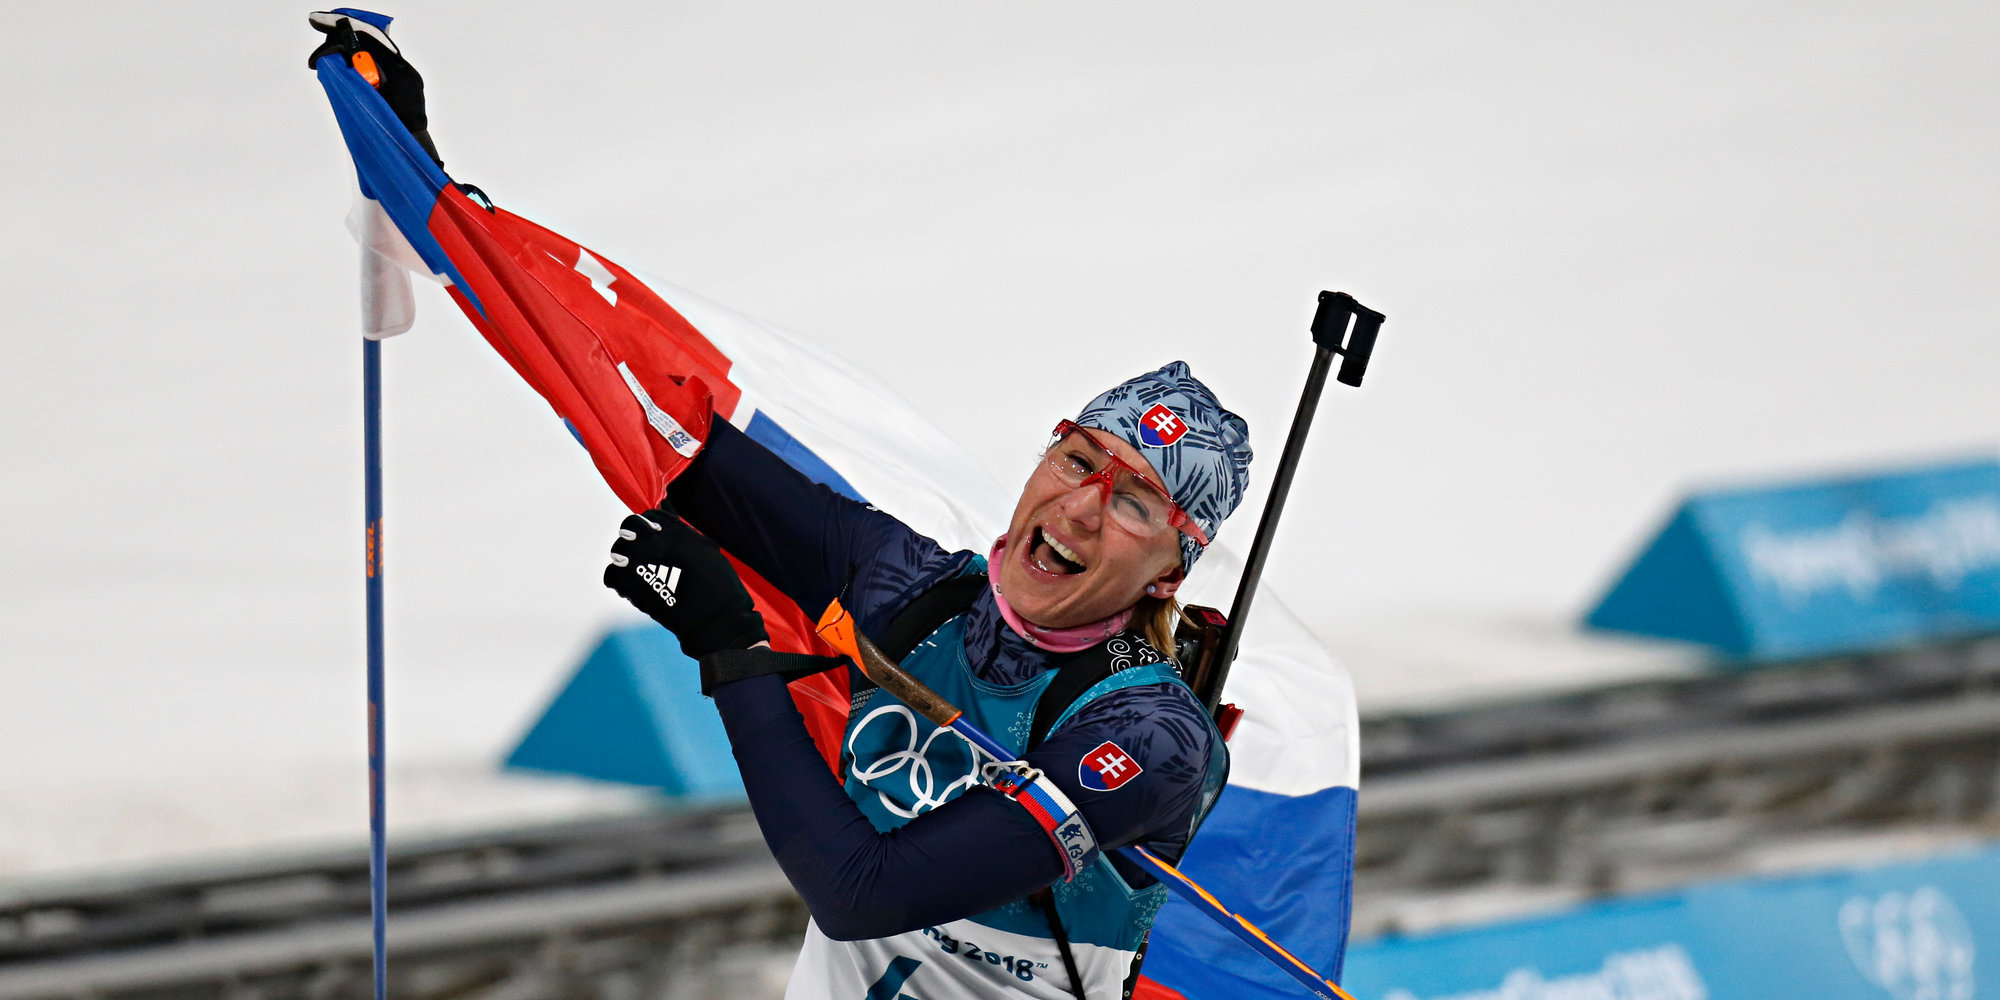 Украинская биатлонистка завоевала медаль Кубка мира вХолменколлене